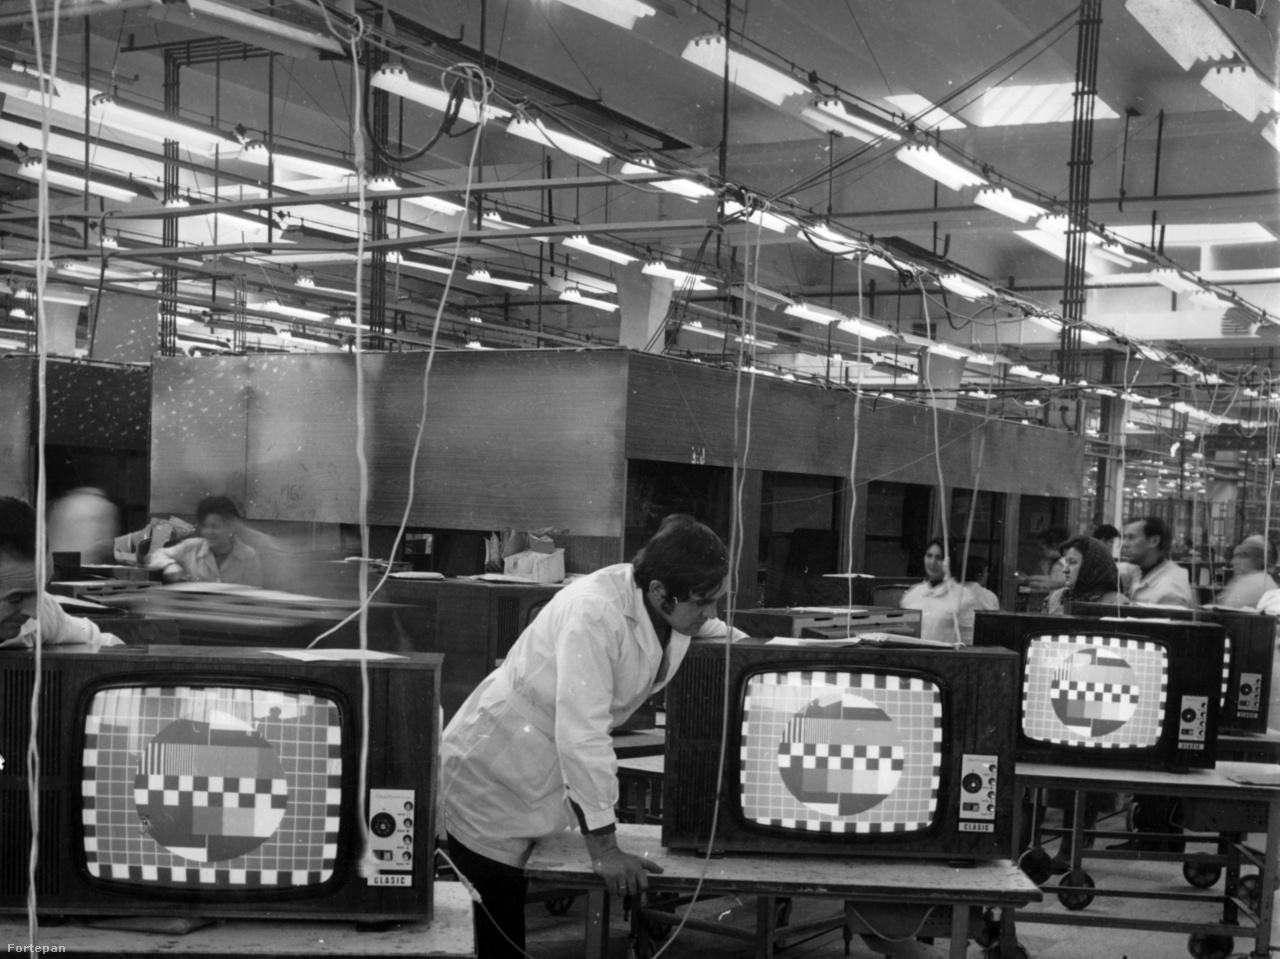 """A bukaresti televíziógyár (Electronica)  1960-ban nyitotta meg kapuit, előtte rádiógyár volt. Nem sokkal utána Vasile Cätuneanu, az Electronica gyár főmérnökhelyettese így nyilatkozott az Új Élet termelési riporton lévő munkatársának: """"Ha, mondjuk, egy 1700 táján élt ember látná ezt a gyárat, és végignézne egy televíziós adást, az ördöggel való cimboraságért jelentene fel"""". A kép jóval később, 1980-ban készült. Ekkoriban hatféle készüléket gyártottak a 44 centiméteres képernyő átmérőtől a 65 centiméteresig."""